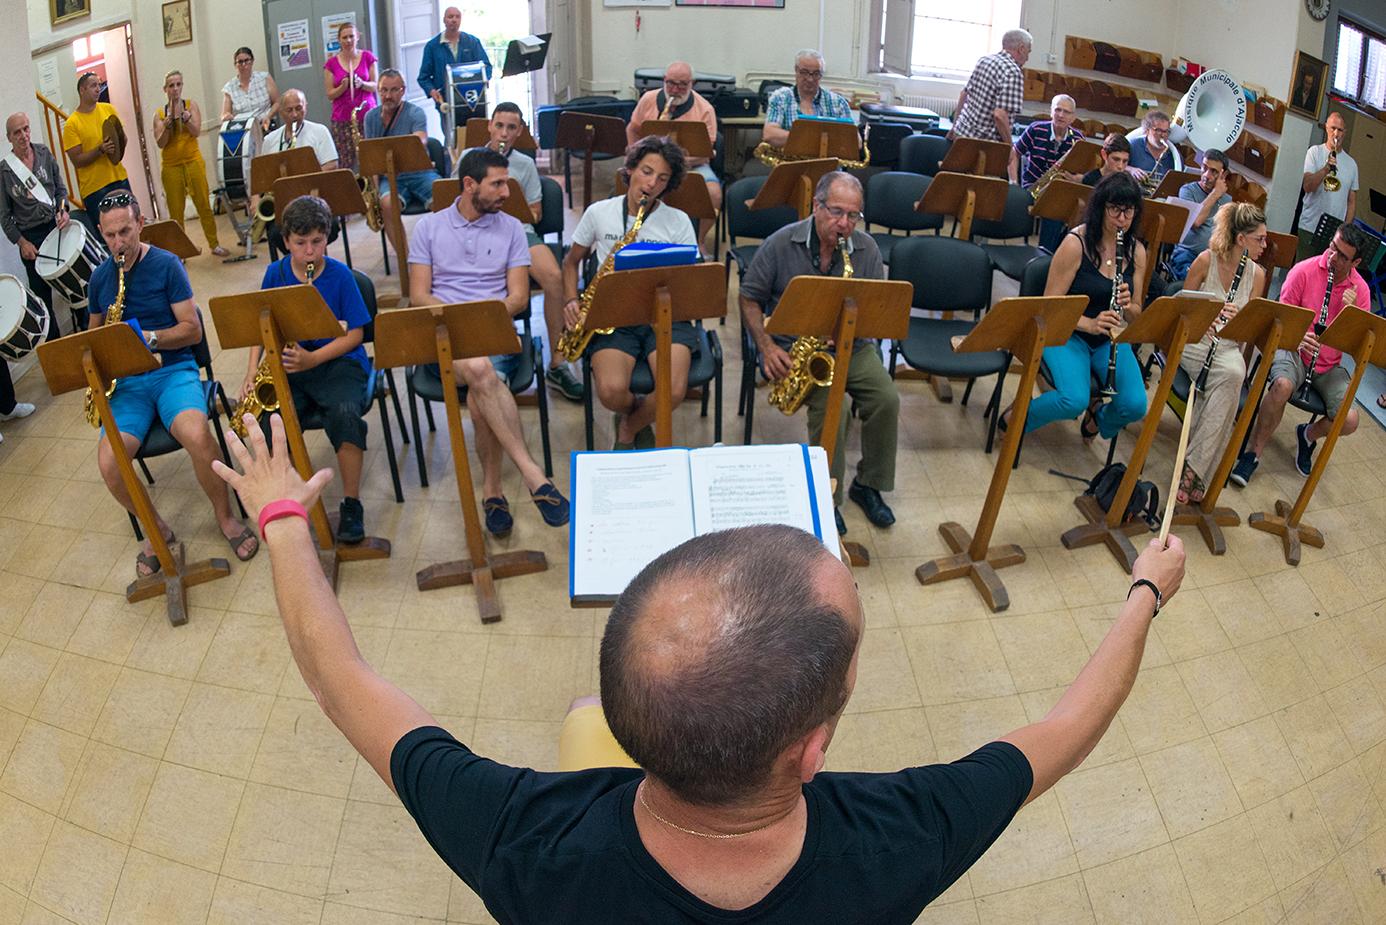 Ouverture de classes pour adultes à l'école de musique municipale